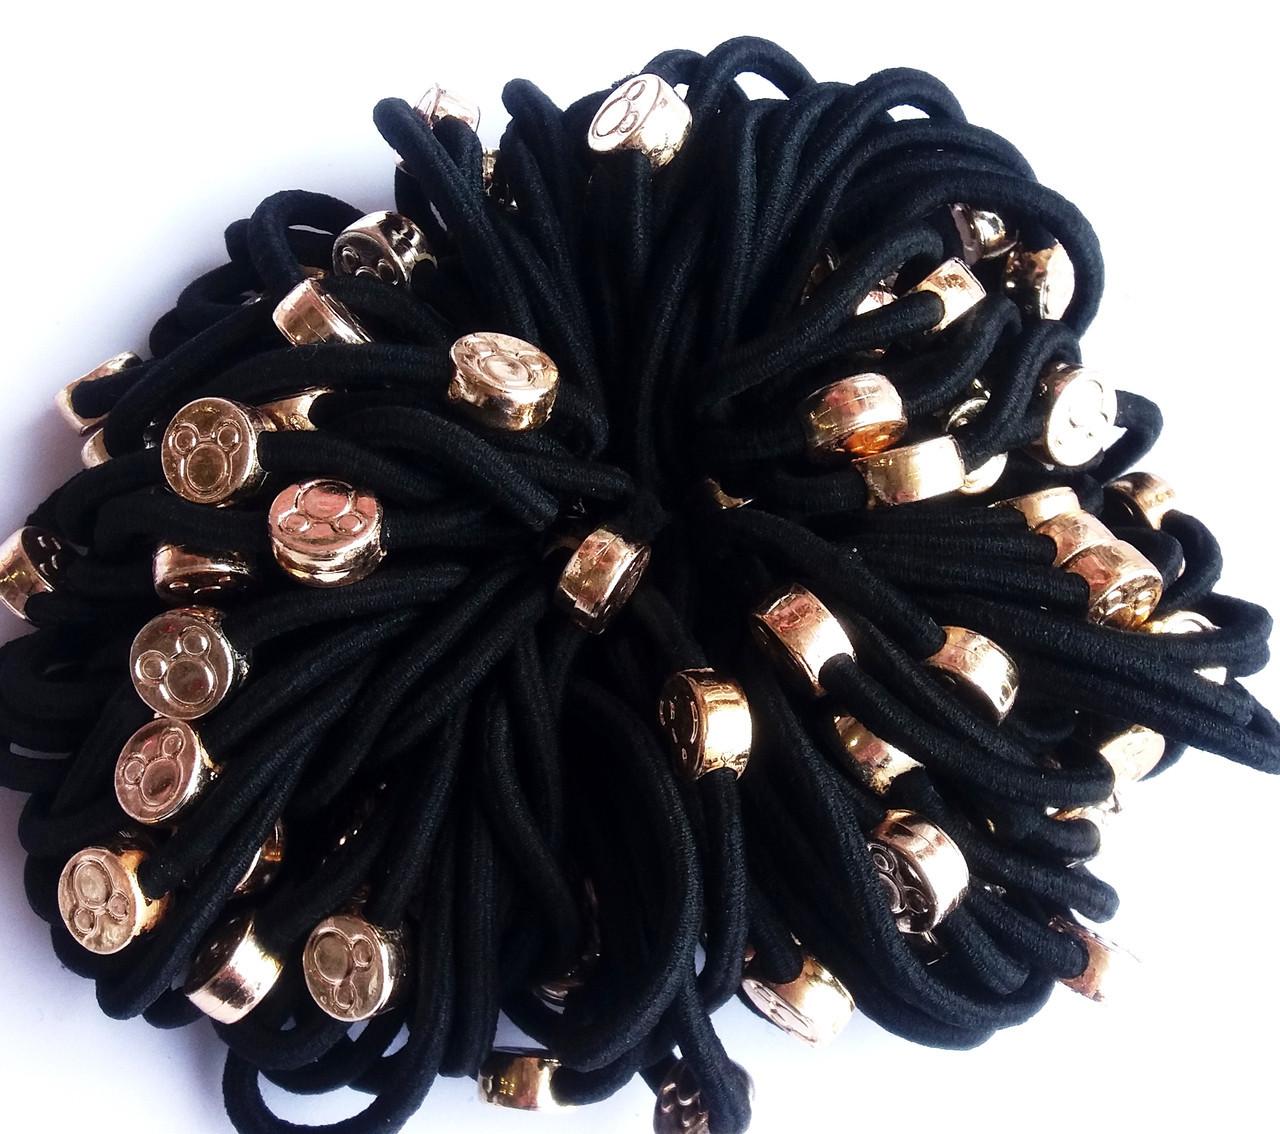 Резинка для волос Кругляшок в упаковке 100 шт. Микро фибра